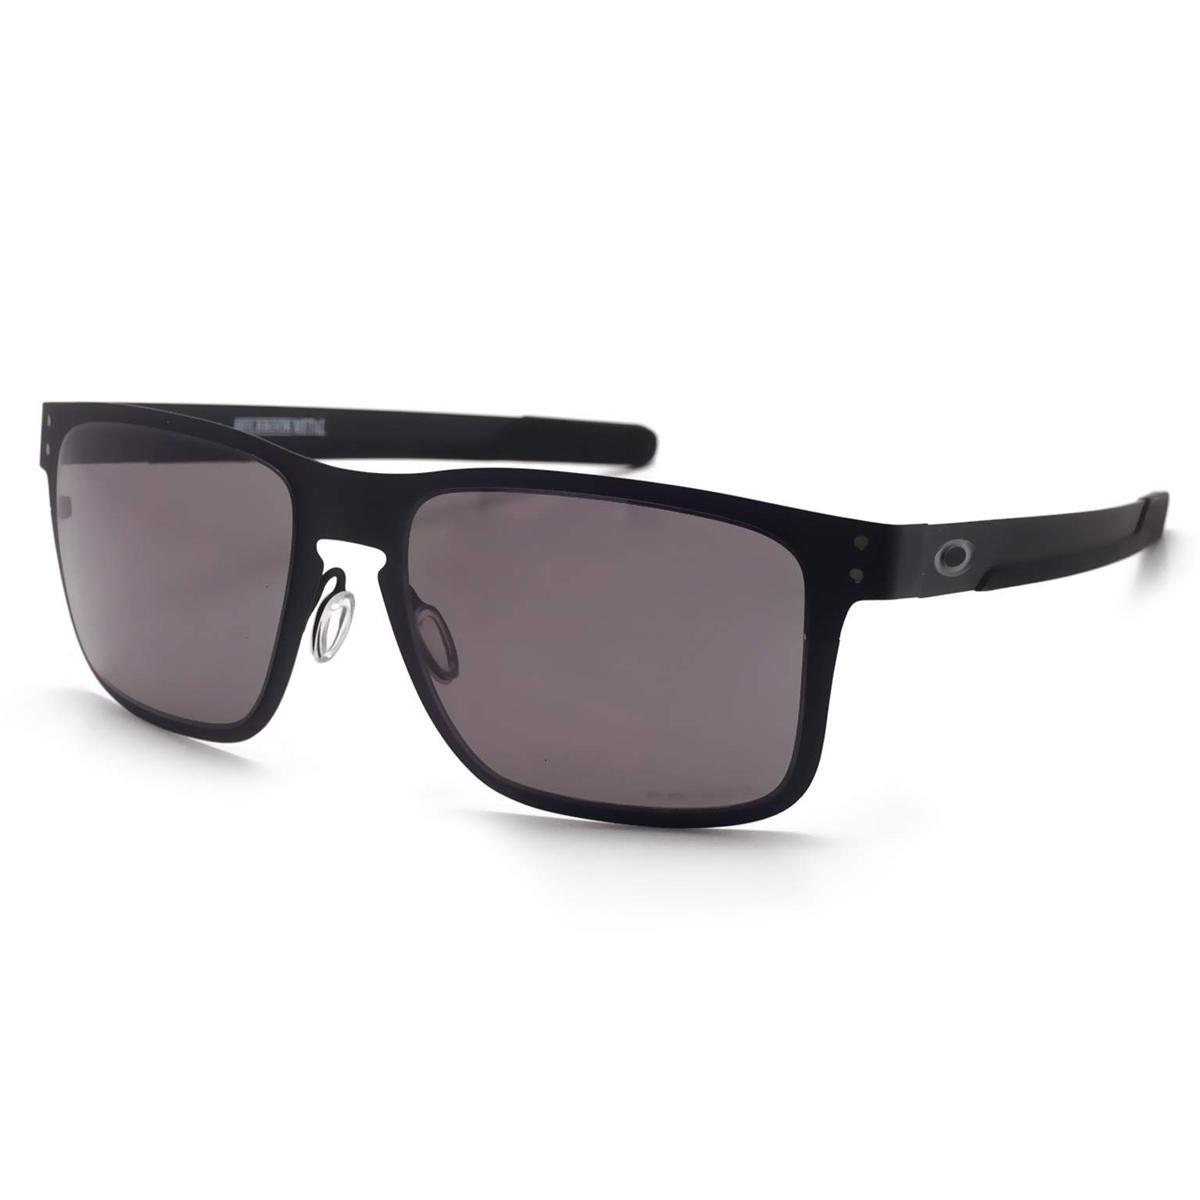 Óculos Oakley Holbrook Mettal Black  Lente Prizm Grey ref  OO4123-11 e788074792